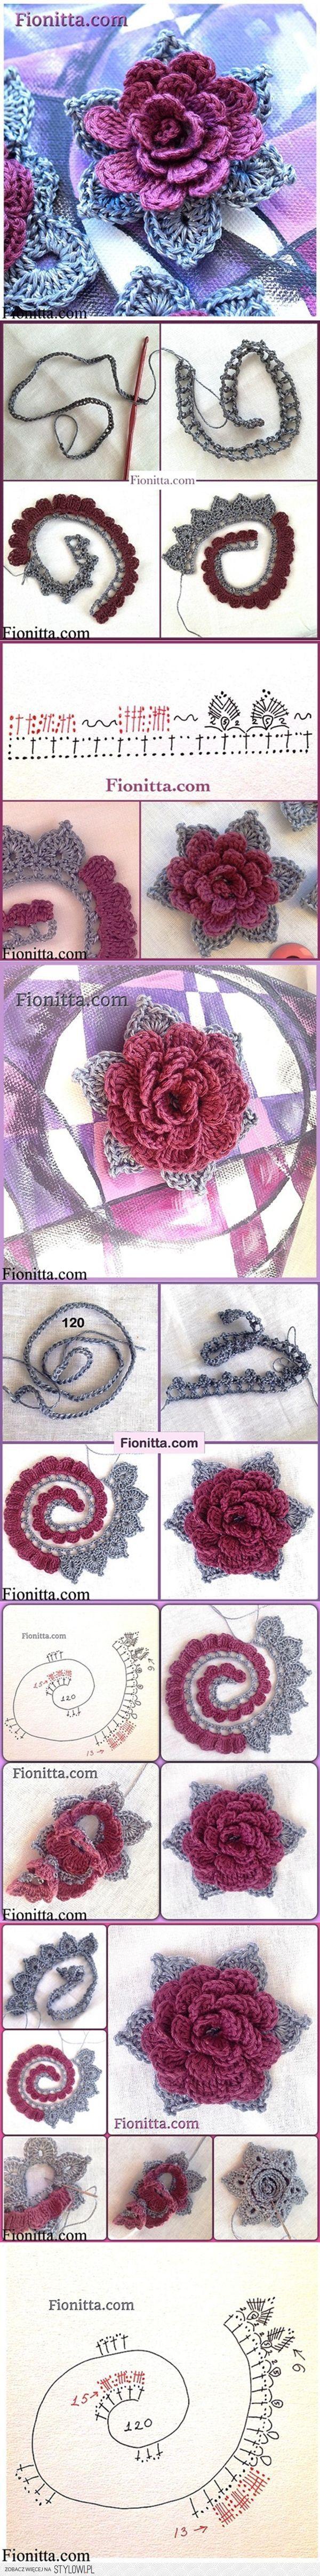 Flores a crochet | flores al crochet | Pinterest | Flores, Ganchillo ...